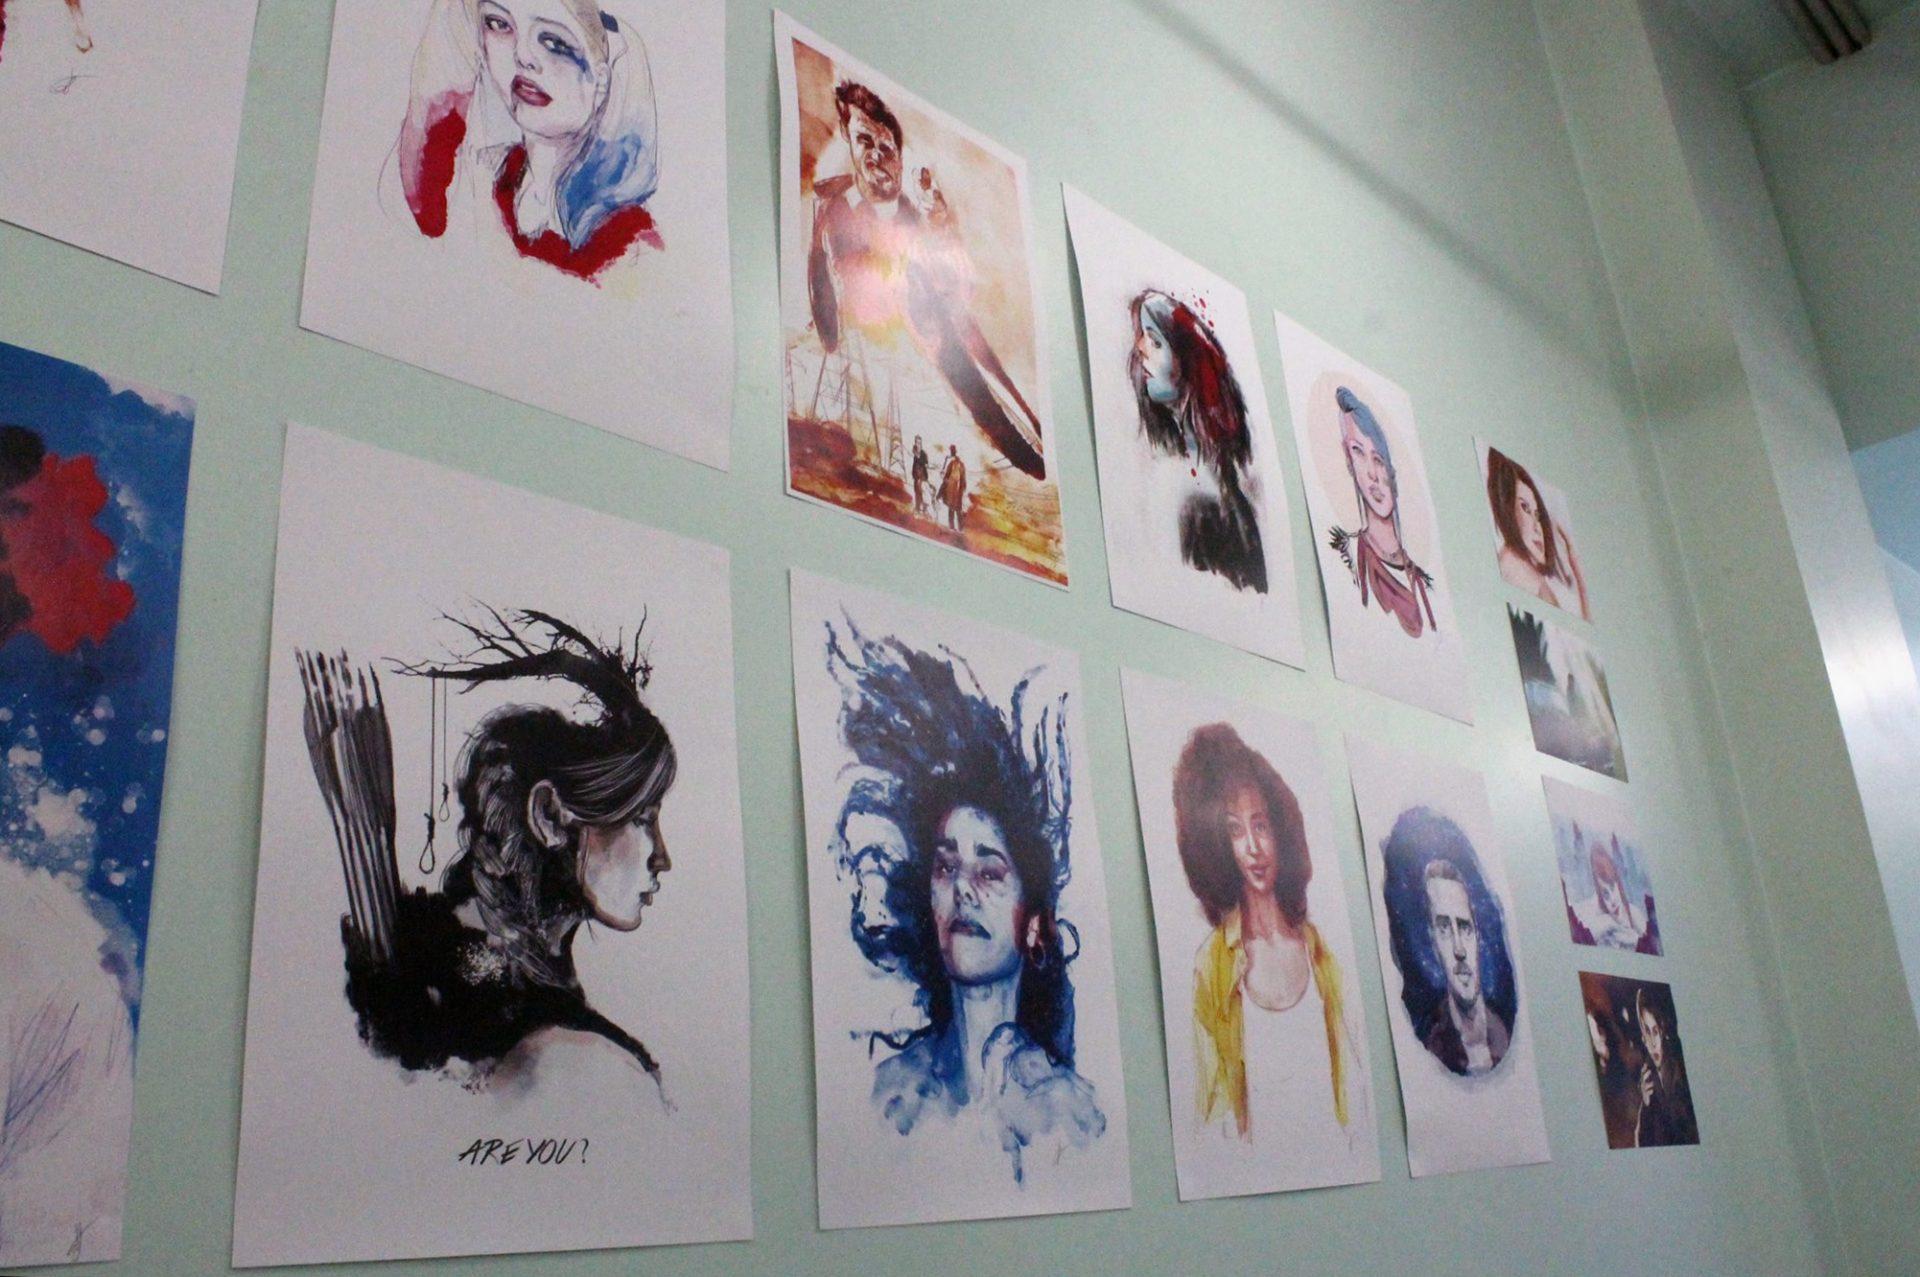 Nacho Vega, Navega ilustración pontevedra exposición rumore (3)